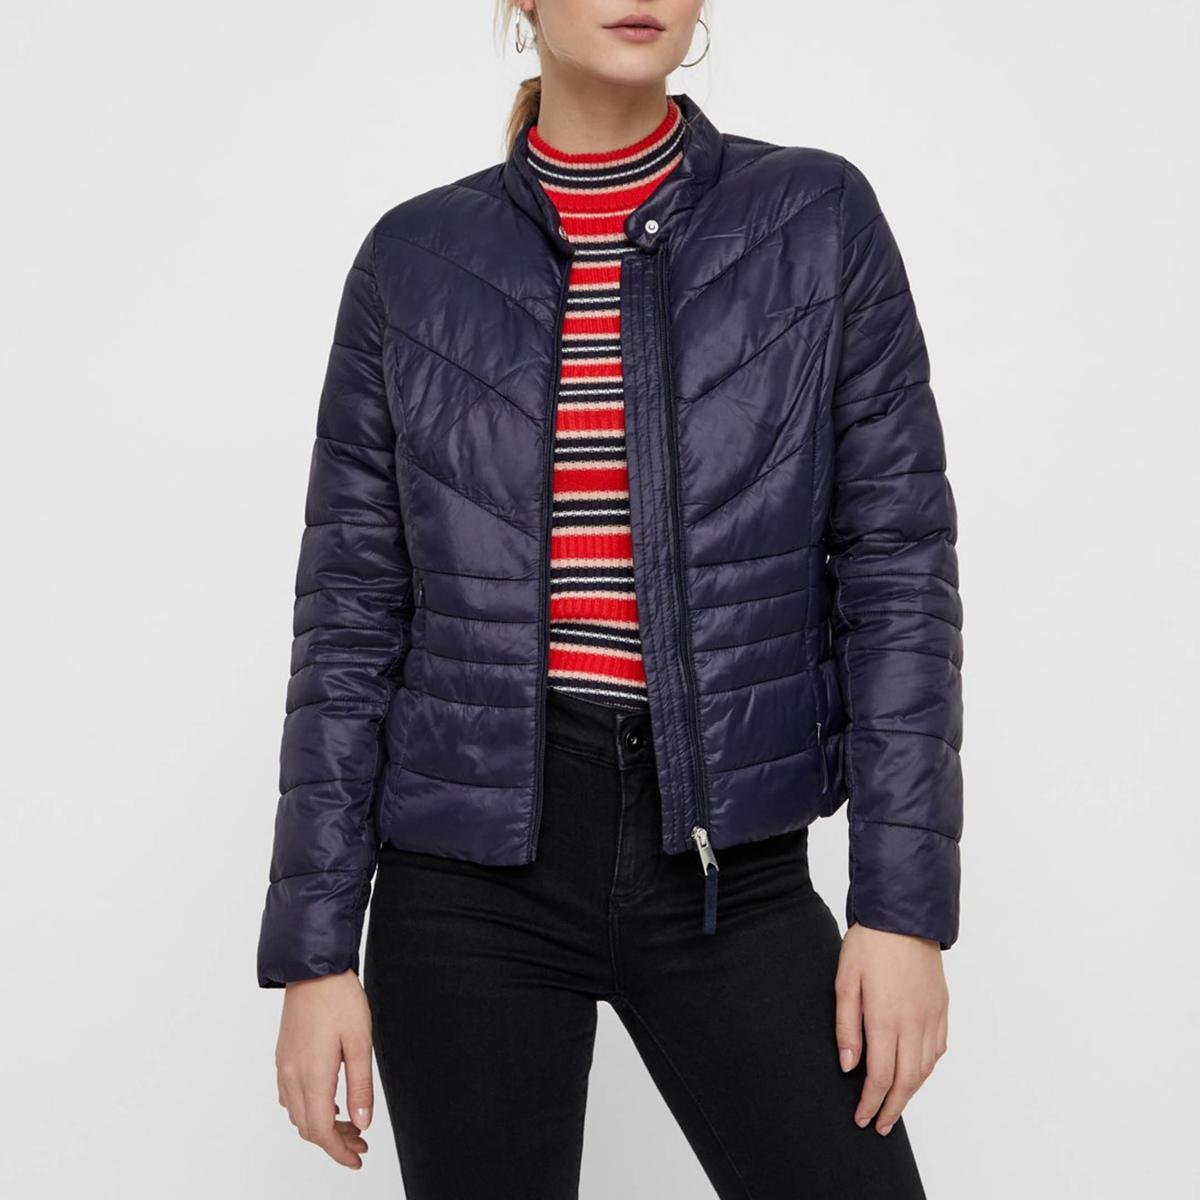 Куртка La Redoute Стеганая короткая с застежкой на молнию модель демисезонная XS синий